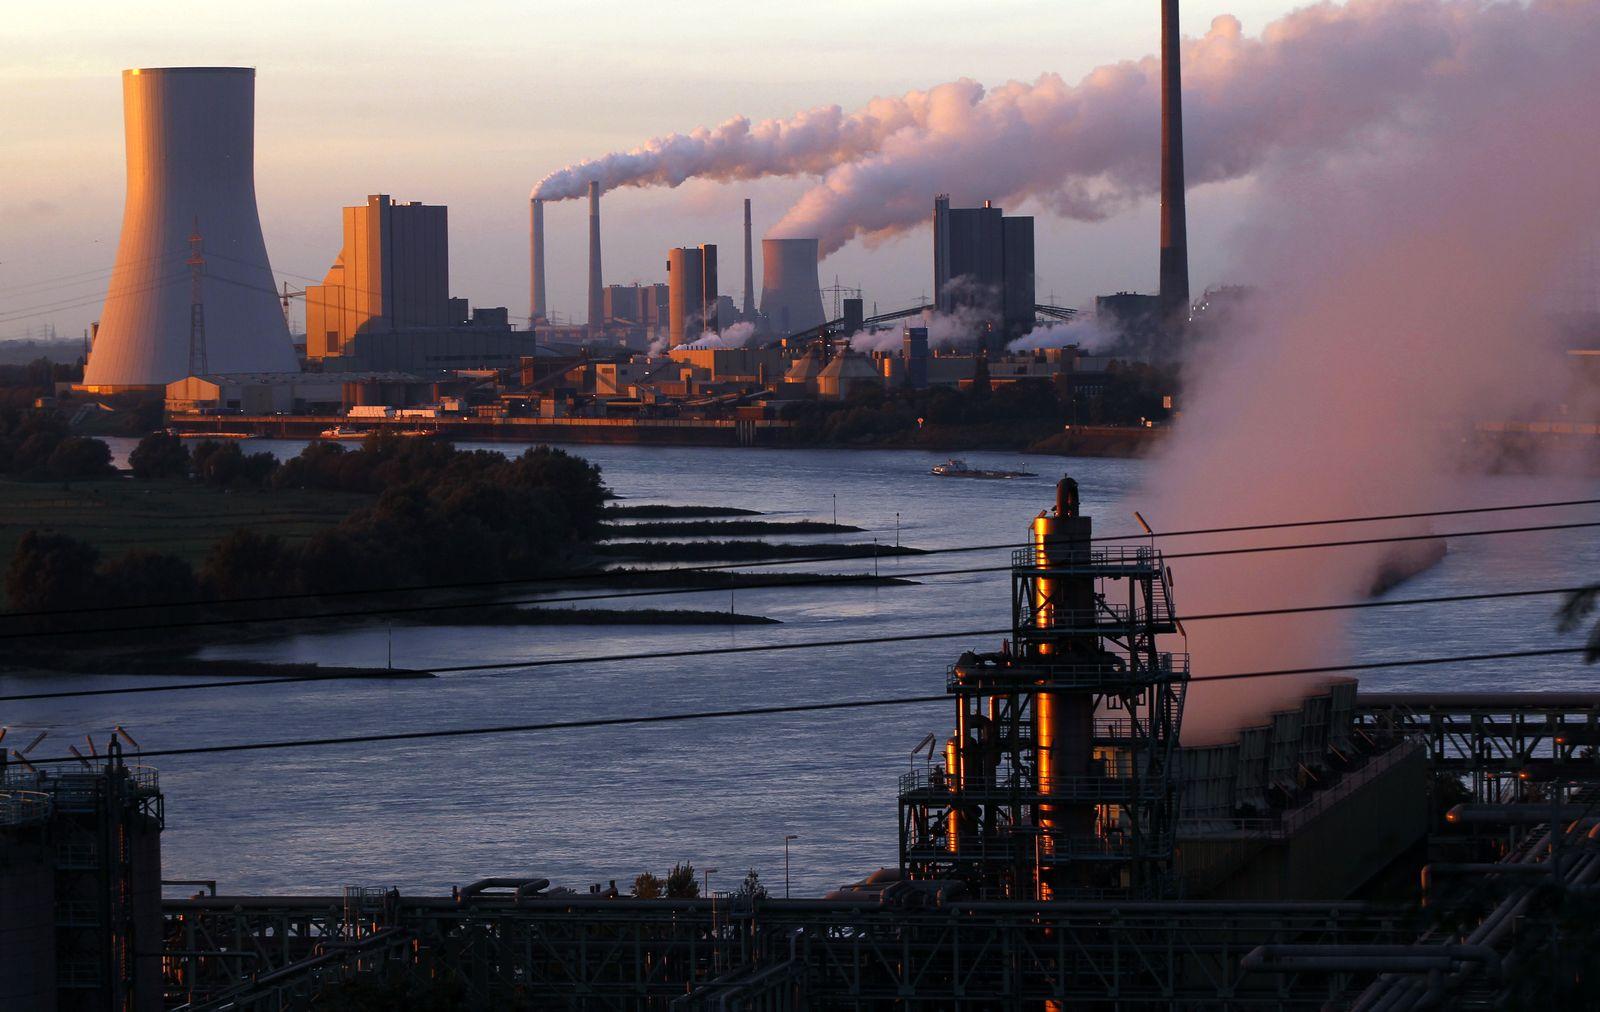 DER SPIEGEL 48/2012 SPIN 32pp / Doha / Fabrik / Emissionen